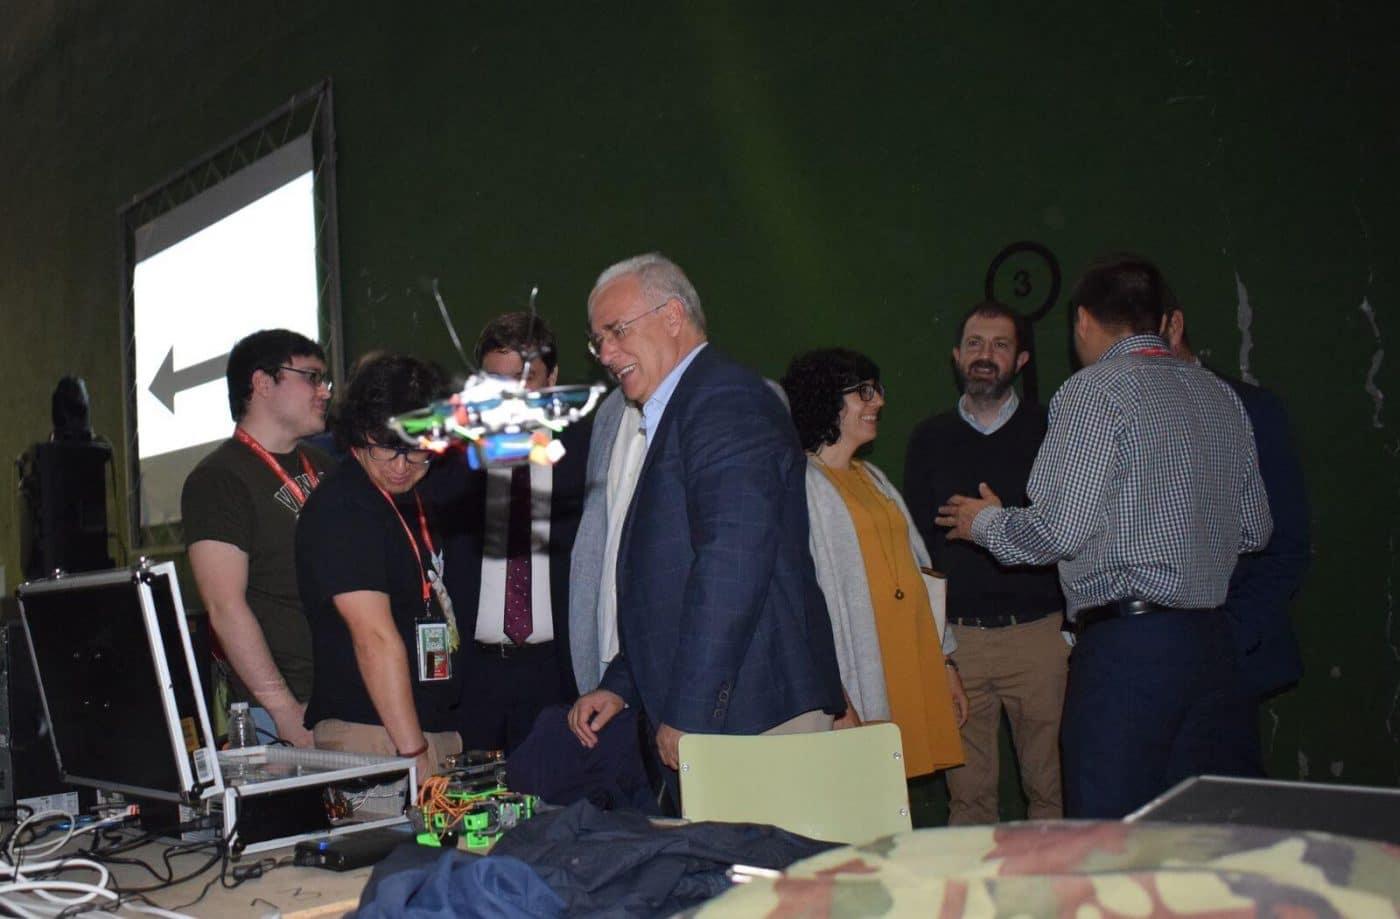 Riojaparty 2018 coge vuelo: drones, videojuegos y mucha 'party' 11